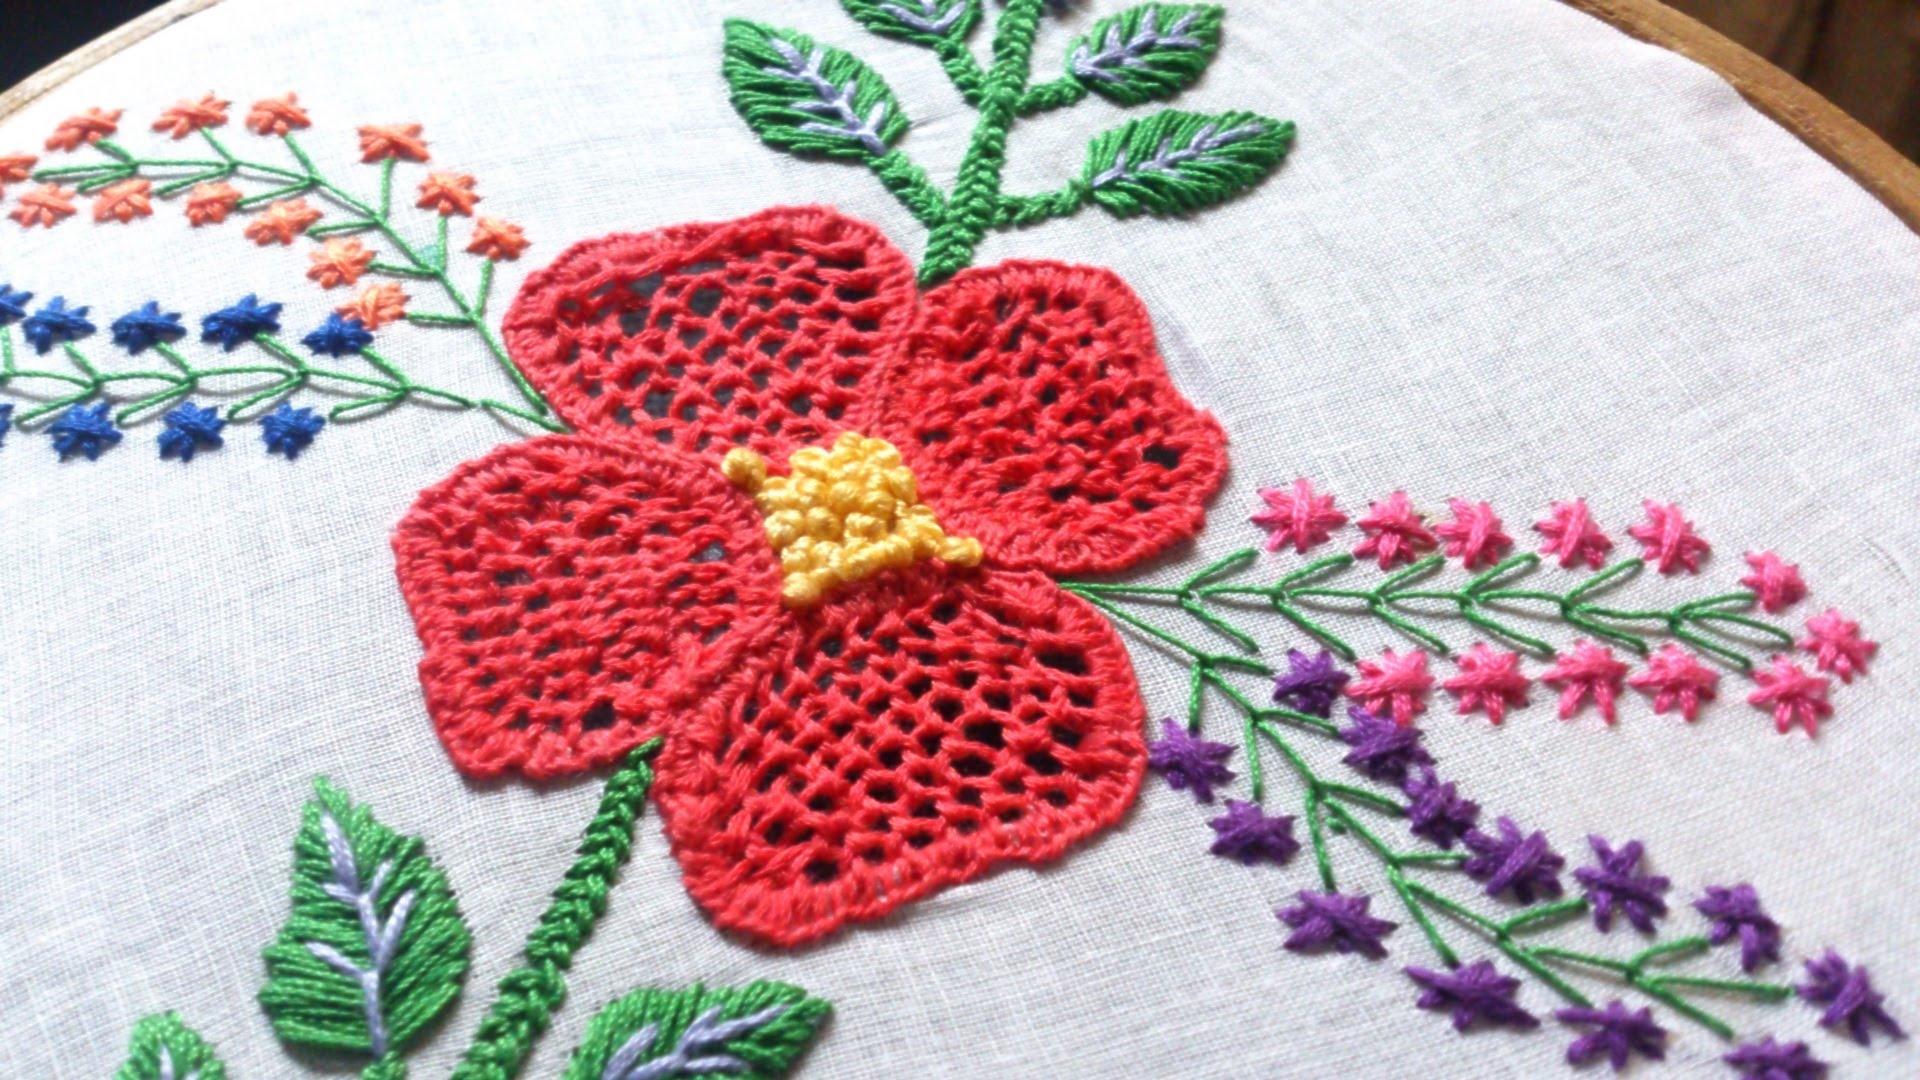 Embroidery Digitizing Program (@embroiderydigitizingprogram) Cover Image